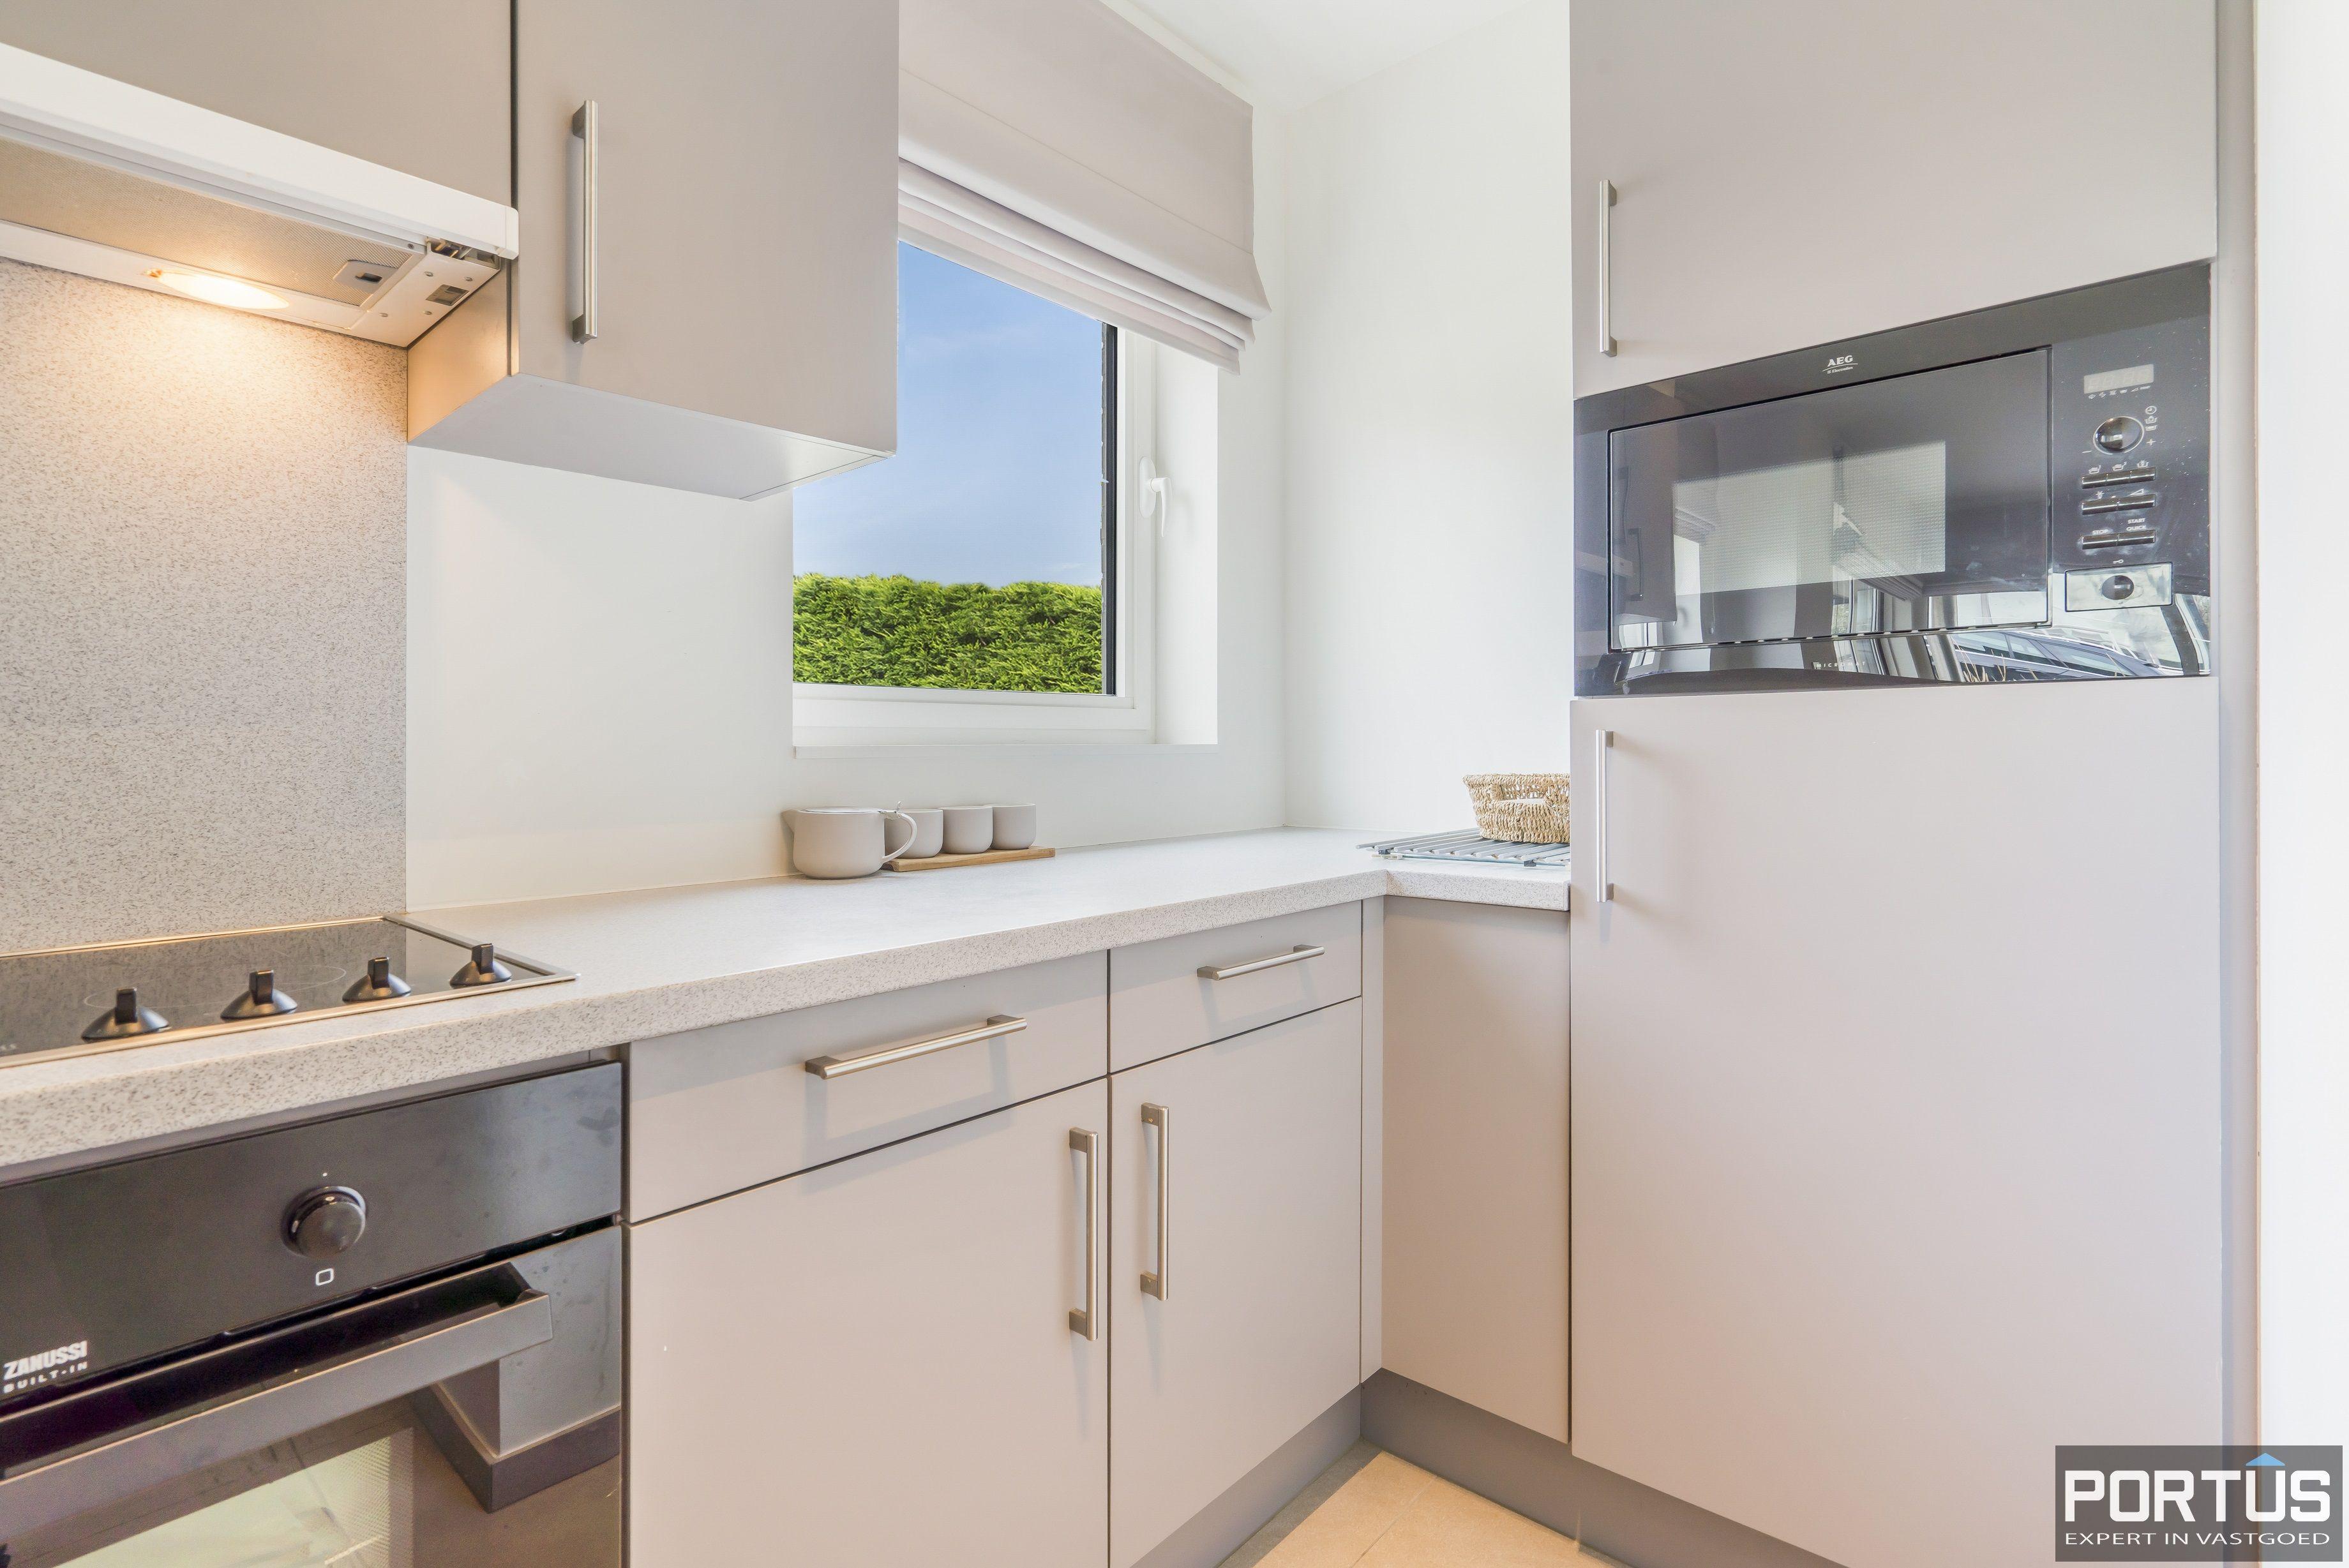 Gelijkvloers appartement met rustige ligging te koop te Oostduinkerke - 13871